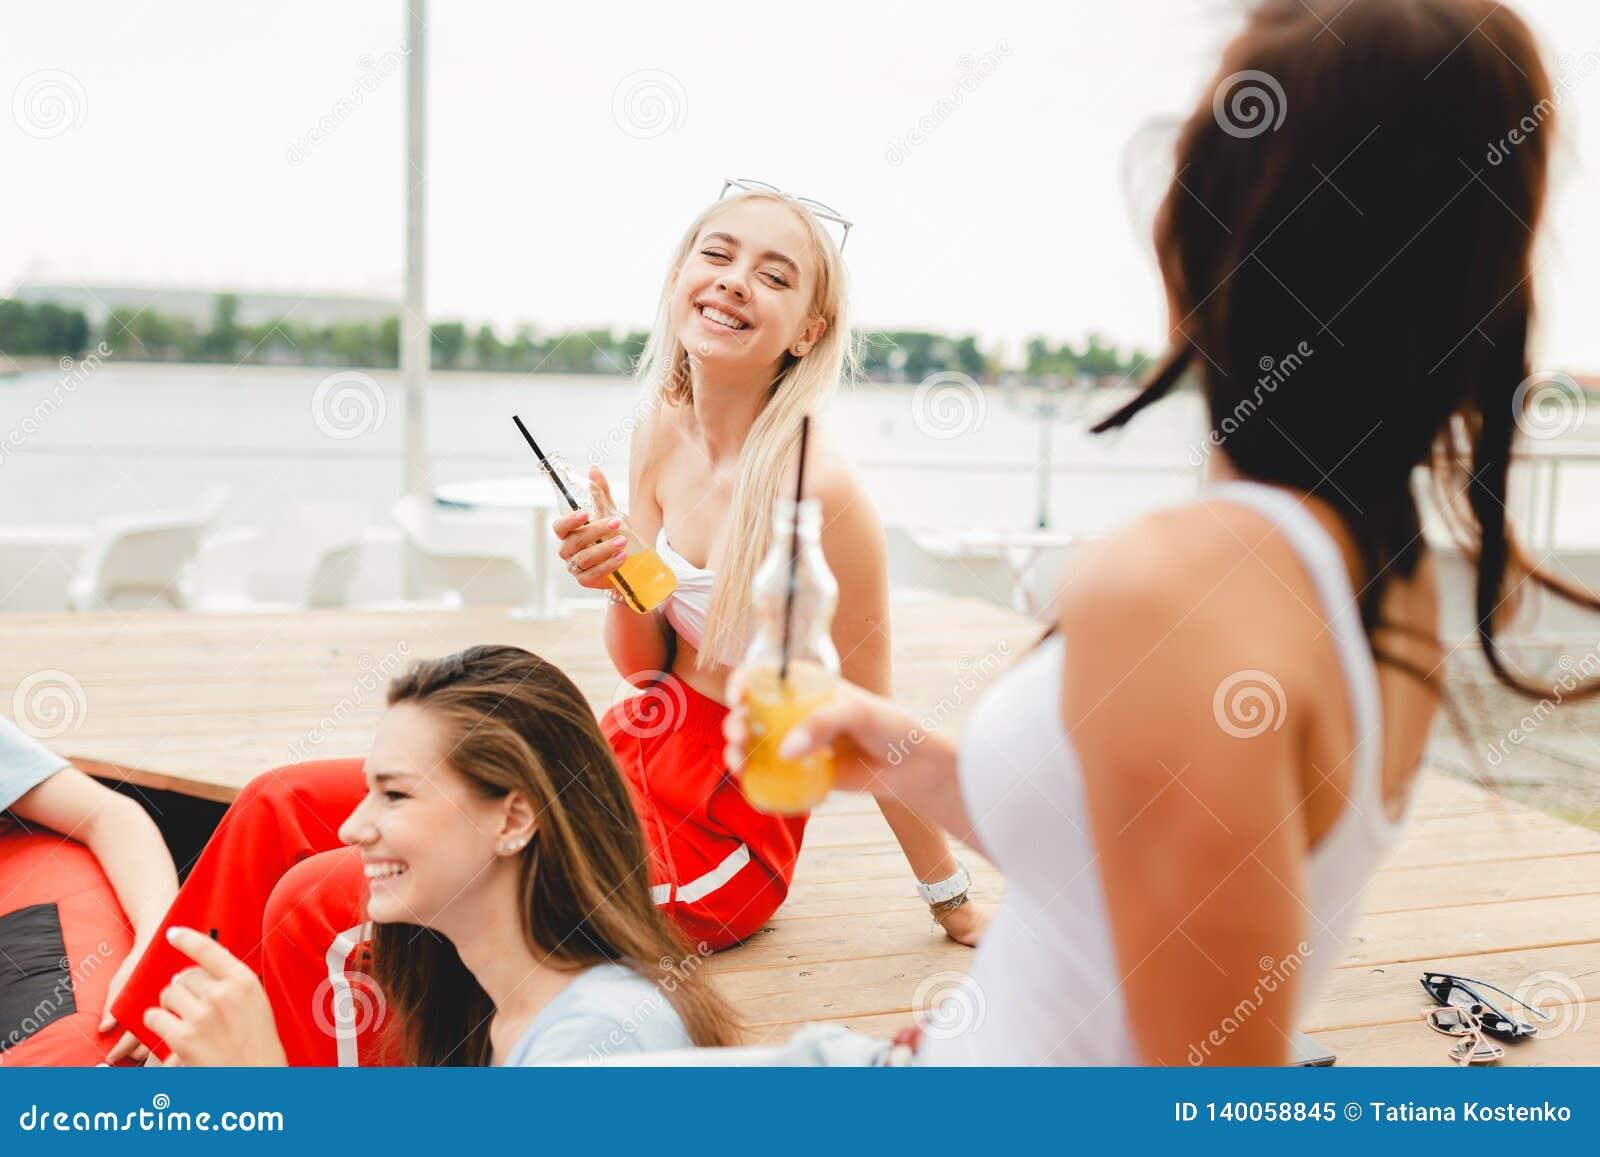 交往悦目的朋友笑,饮用的黄色鸡尾酒公司和,当坐长凳和红色时